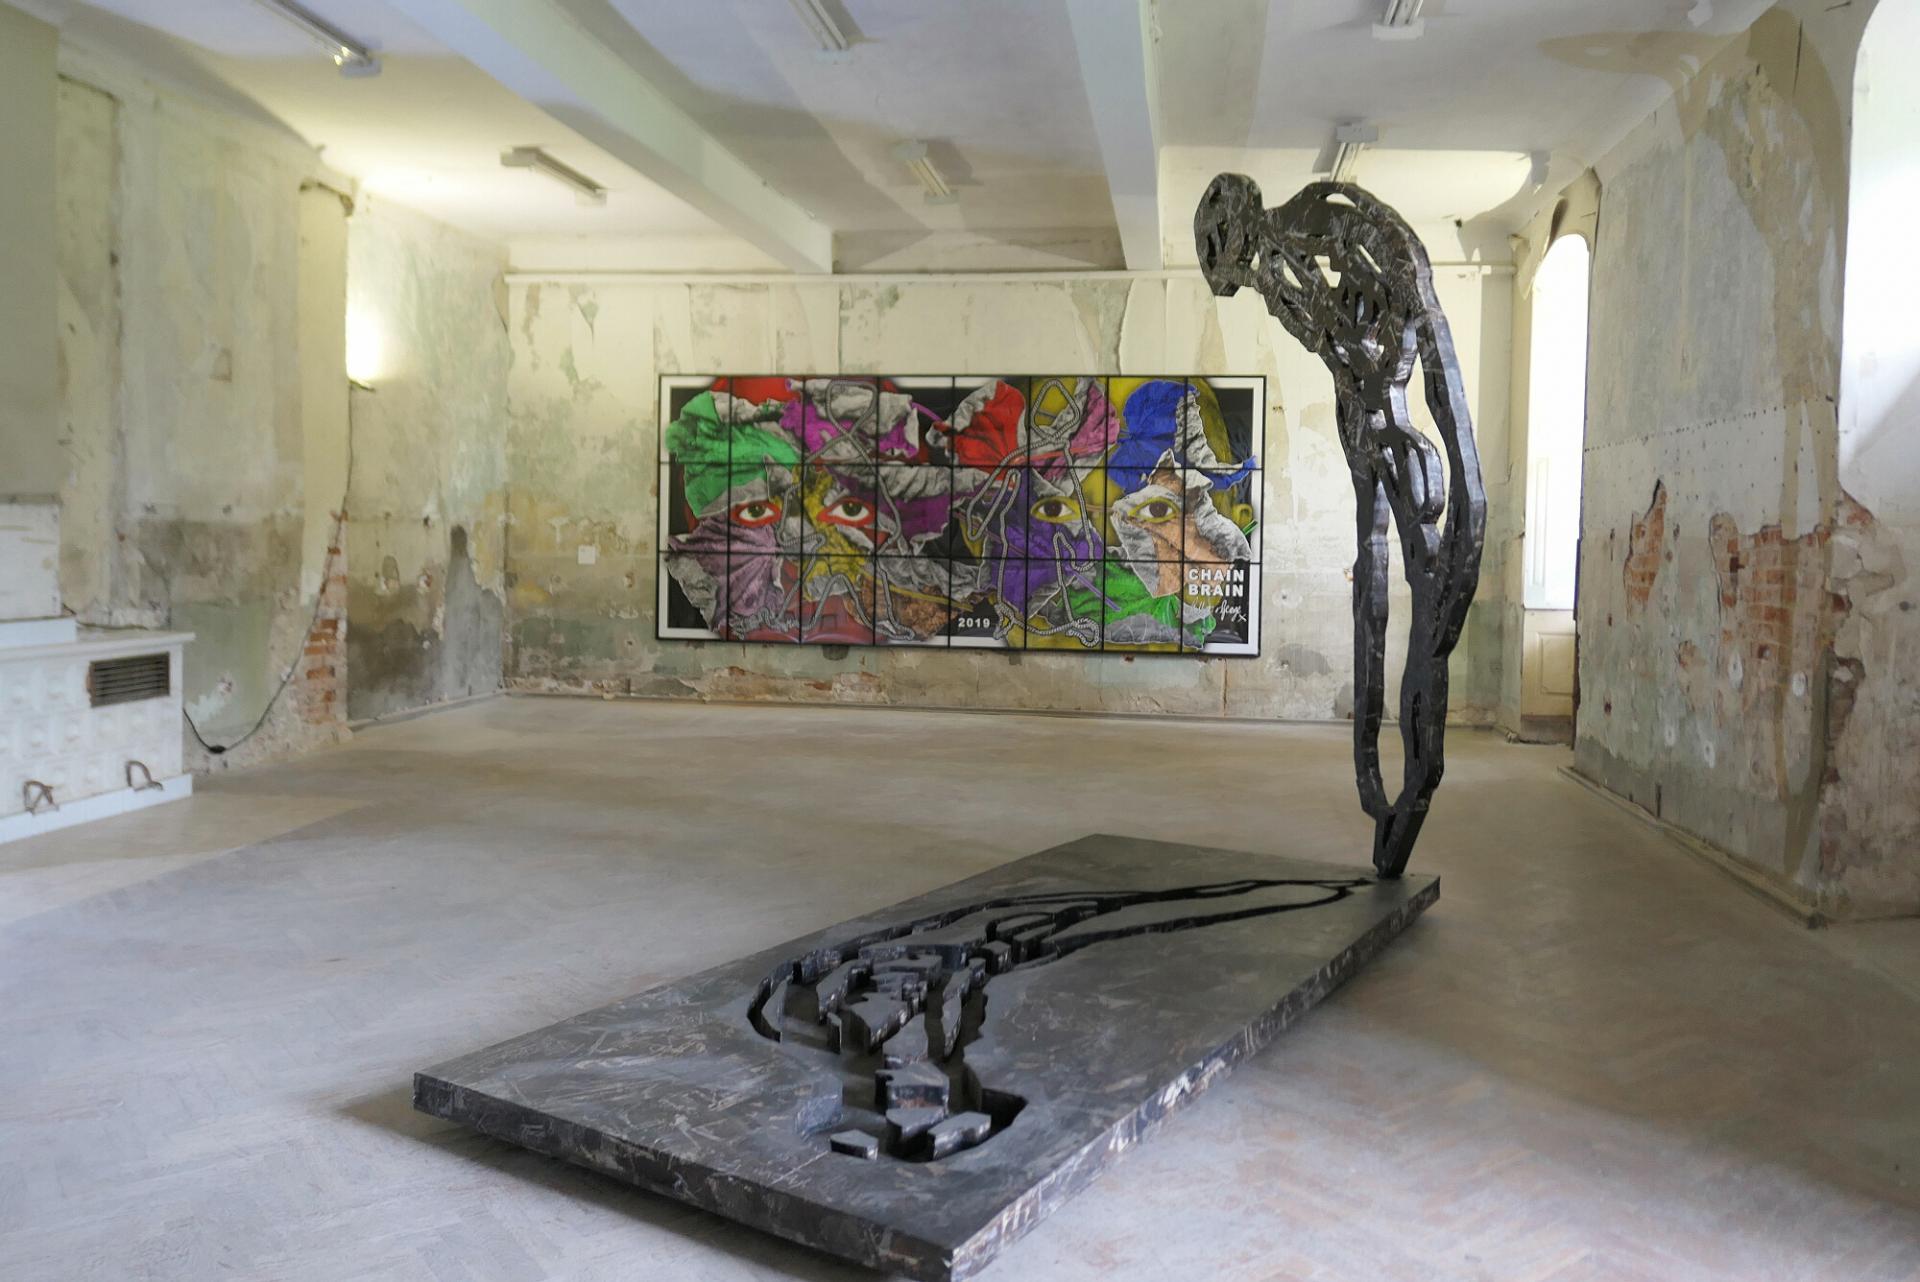 """""""Angst"""" nennt Michael Morgner seine Skulptur, die im ehemaligen Kinosaal zu sehen ist. Im Hintergrund: """"Chain Brain"""" von Gilbert & George, eine Leihgabe aus Wien. Foto: Ingrid Hoberg"""